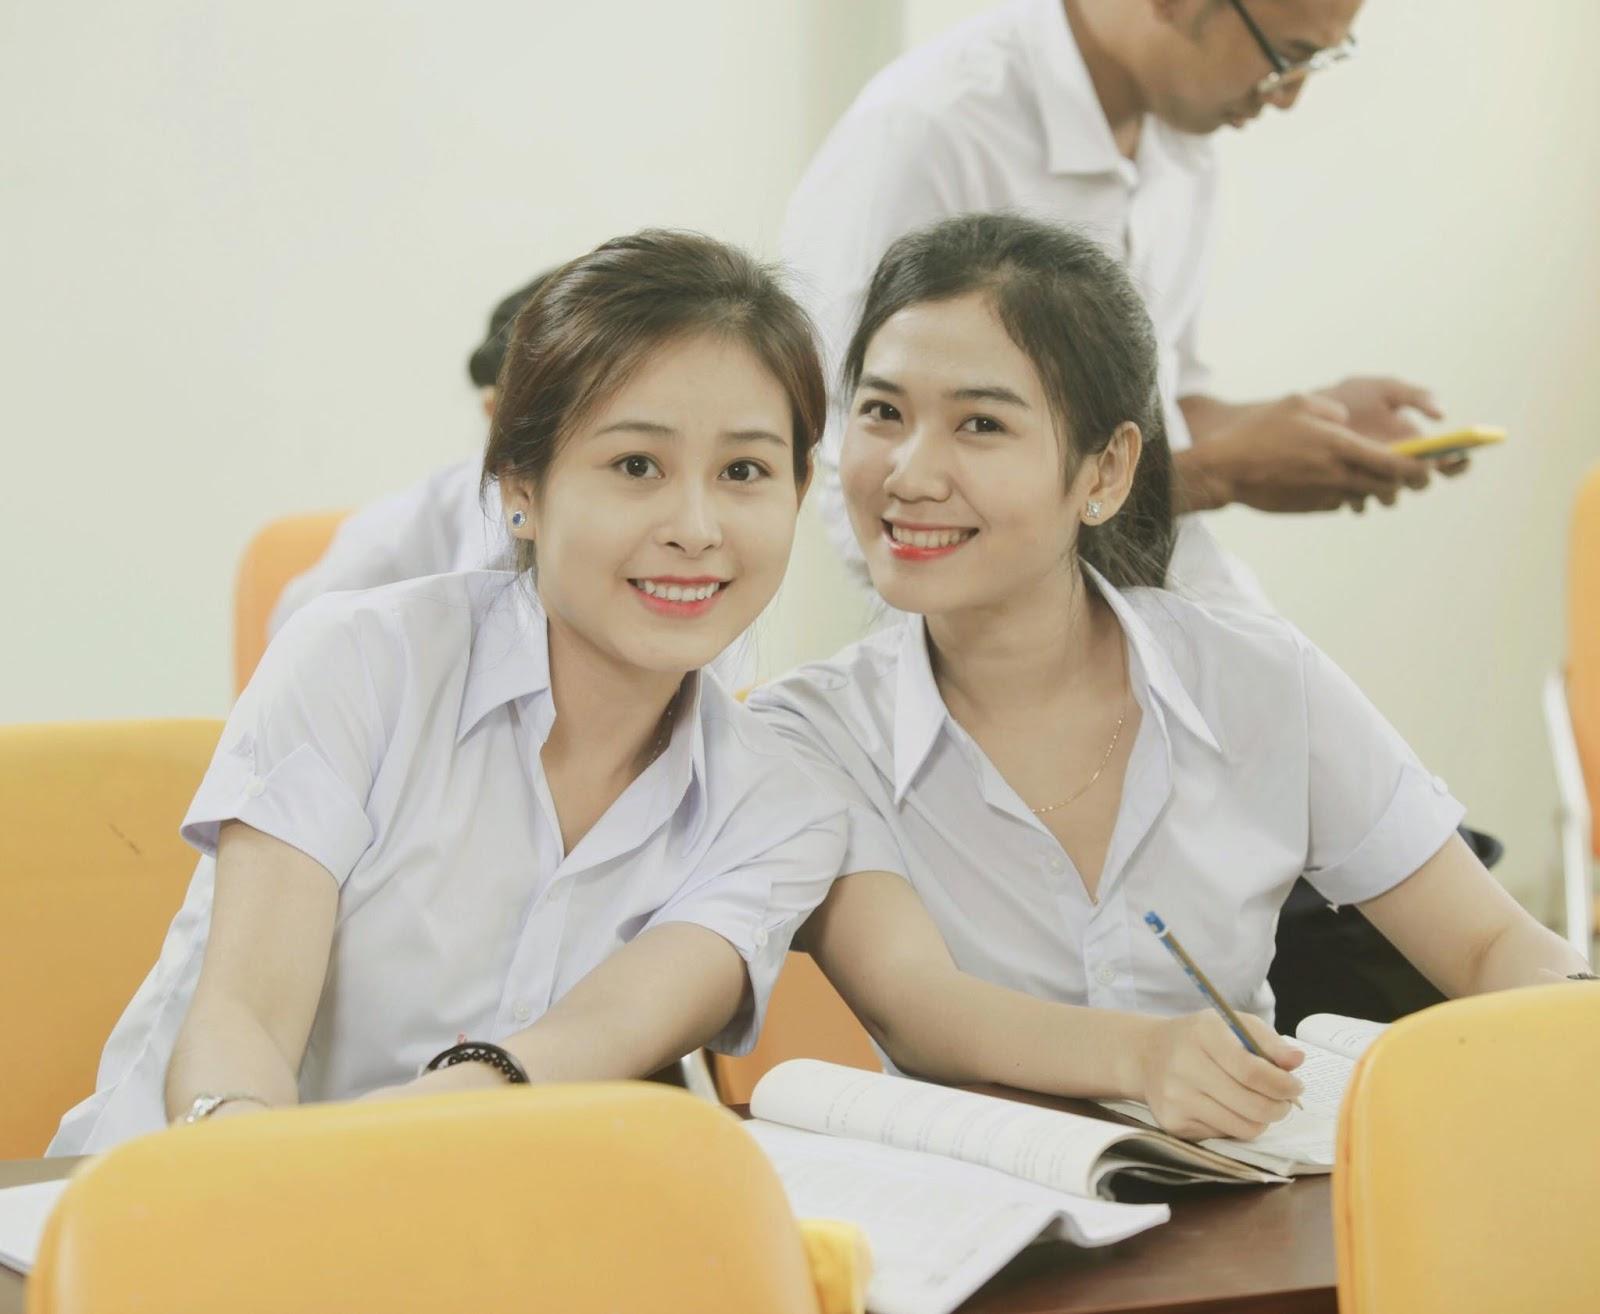 anh do thu faptv 2016 24 - HOT Girl Đỗ Thư FAPTV Gợi Cảm Quyến Rũ Mũm Mĩm Đáng Yêu